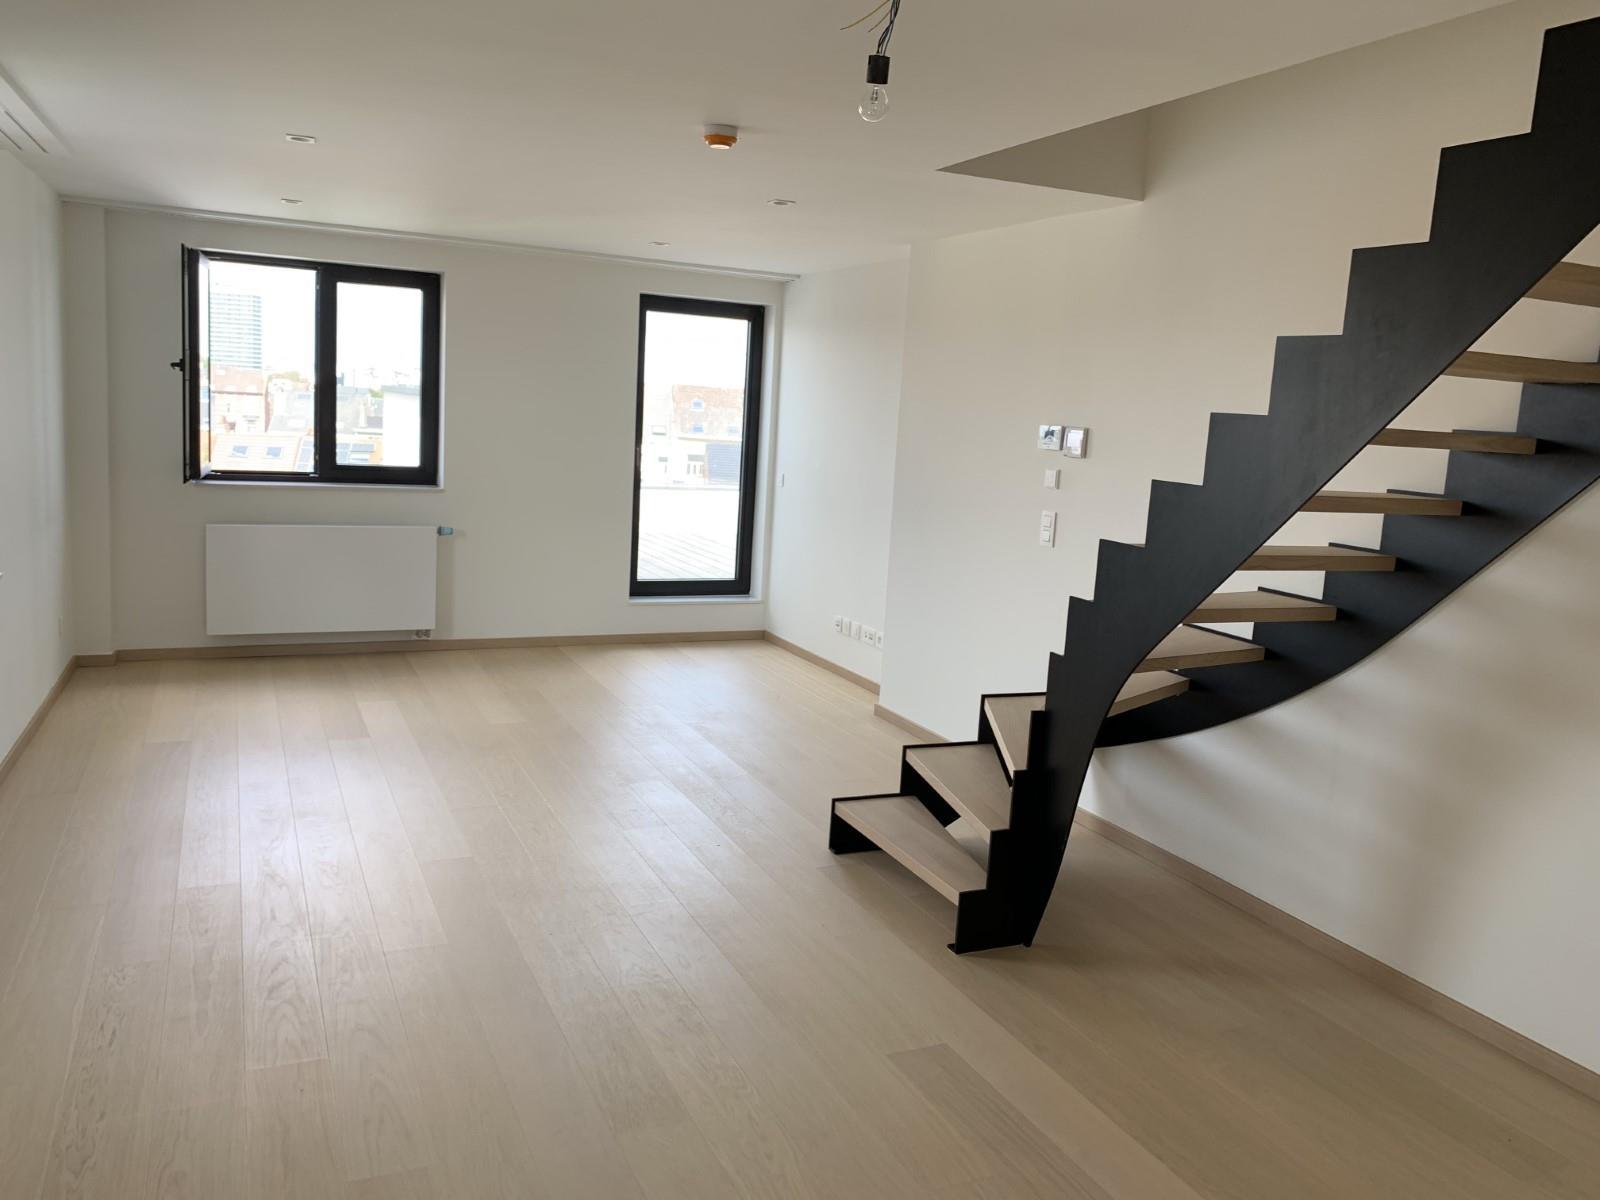 Duplex - Ixelles - #3850070-2